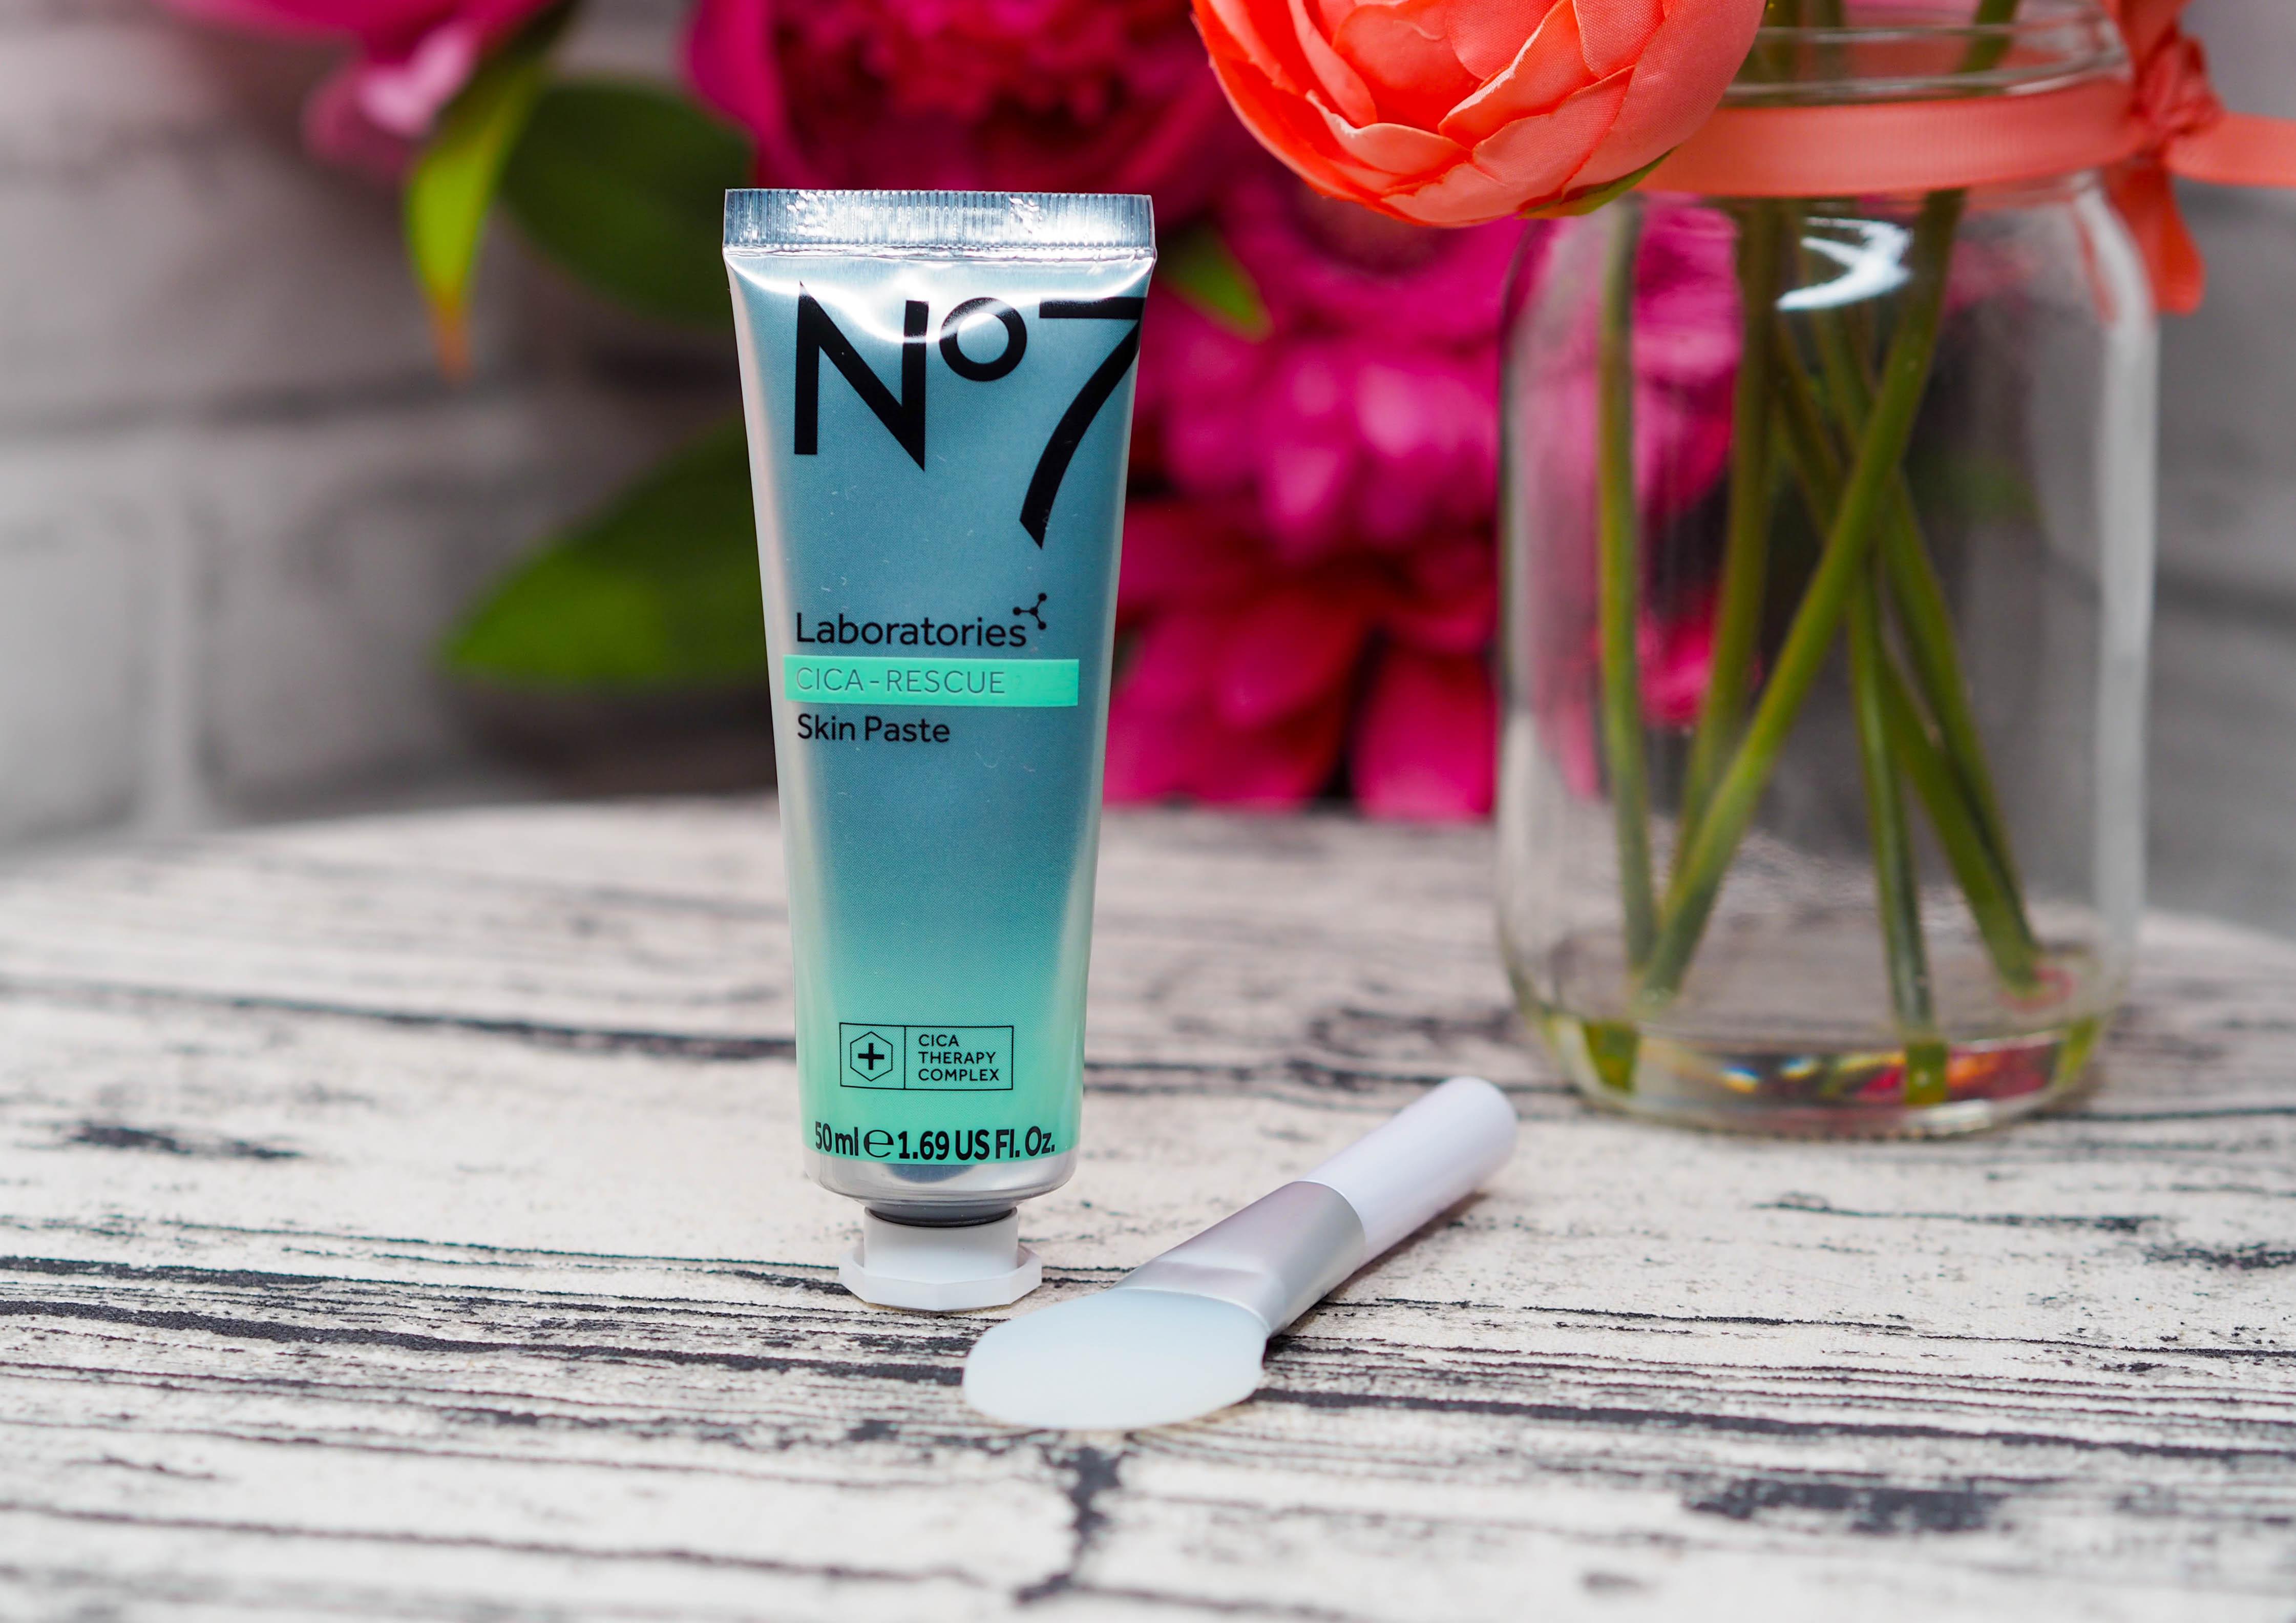 No7 Laboratories Cica-Rescue Skin Paste